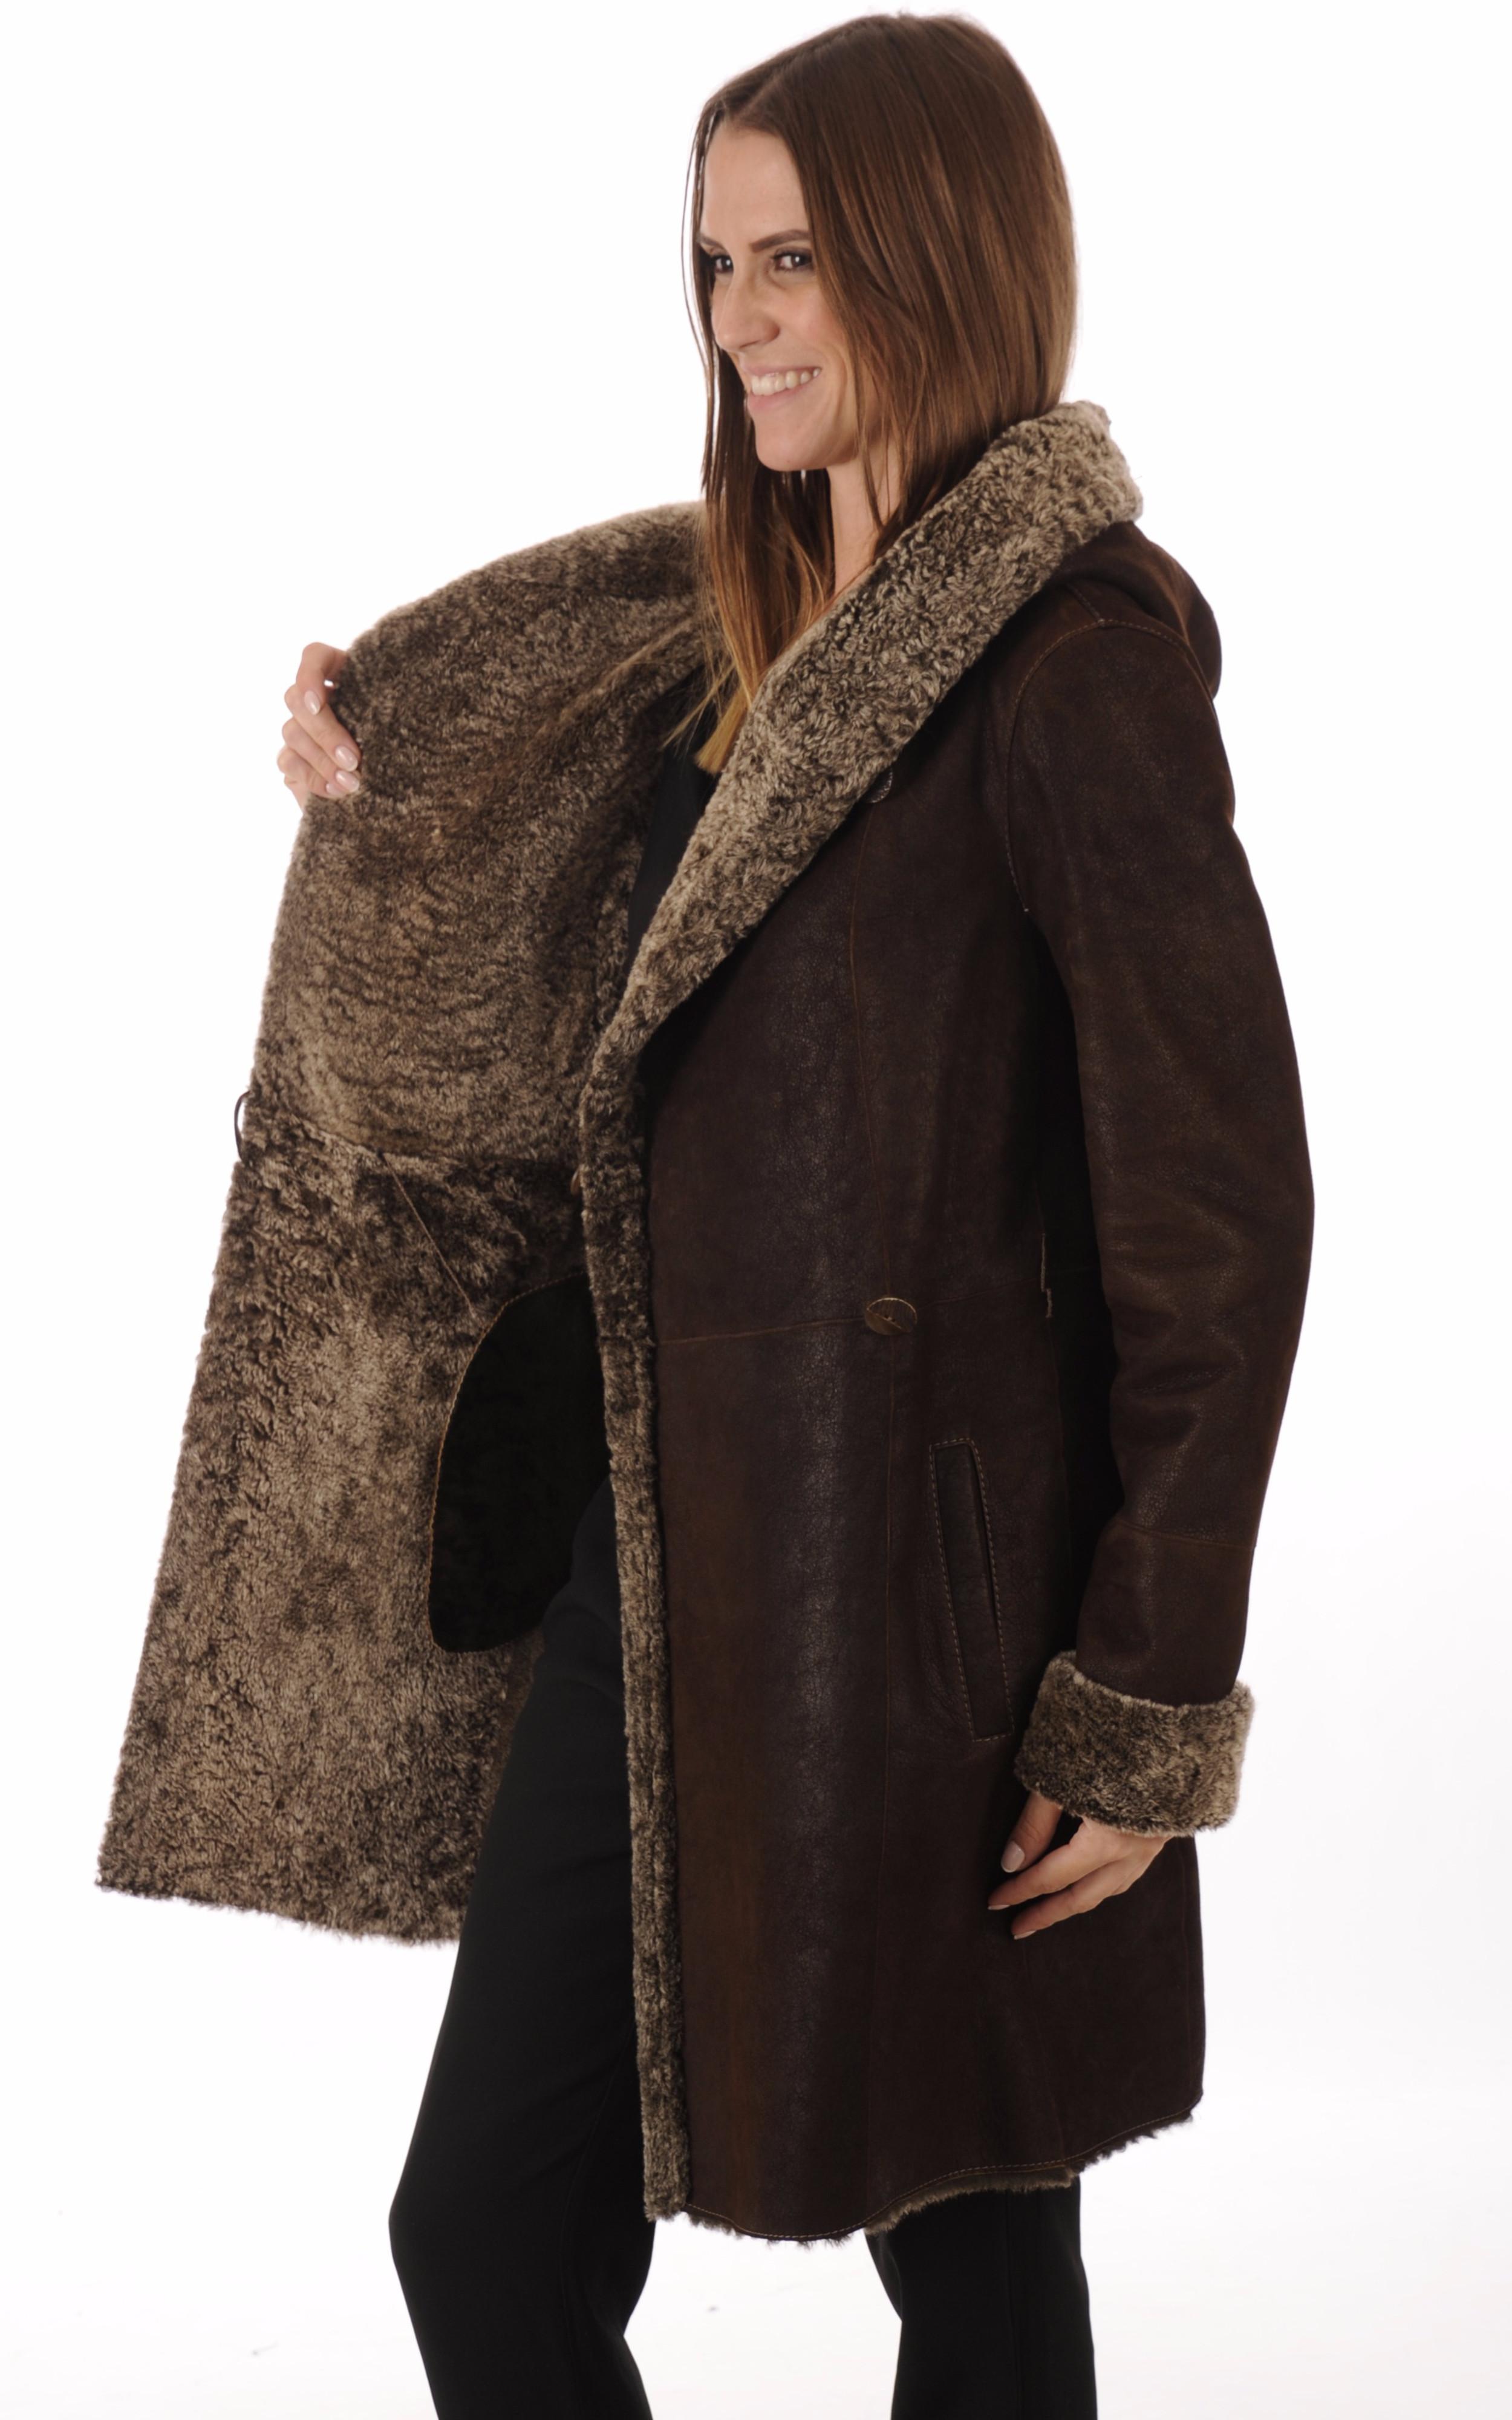 Manteau peau lainée marron La Canadienne